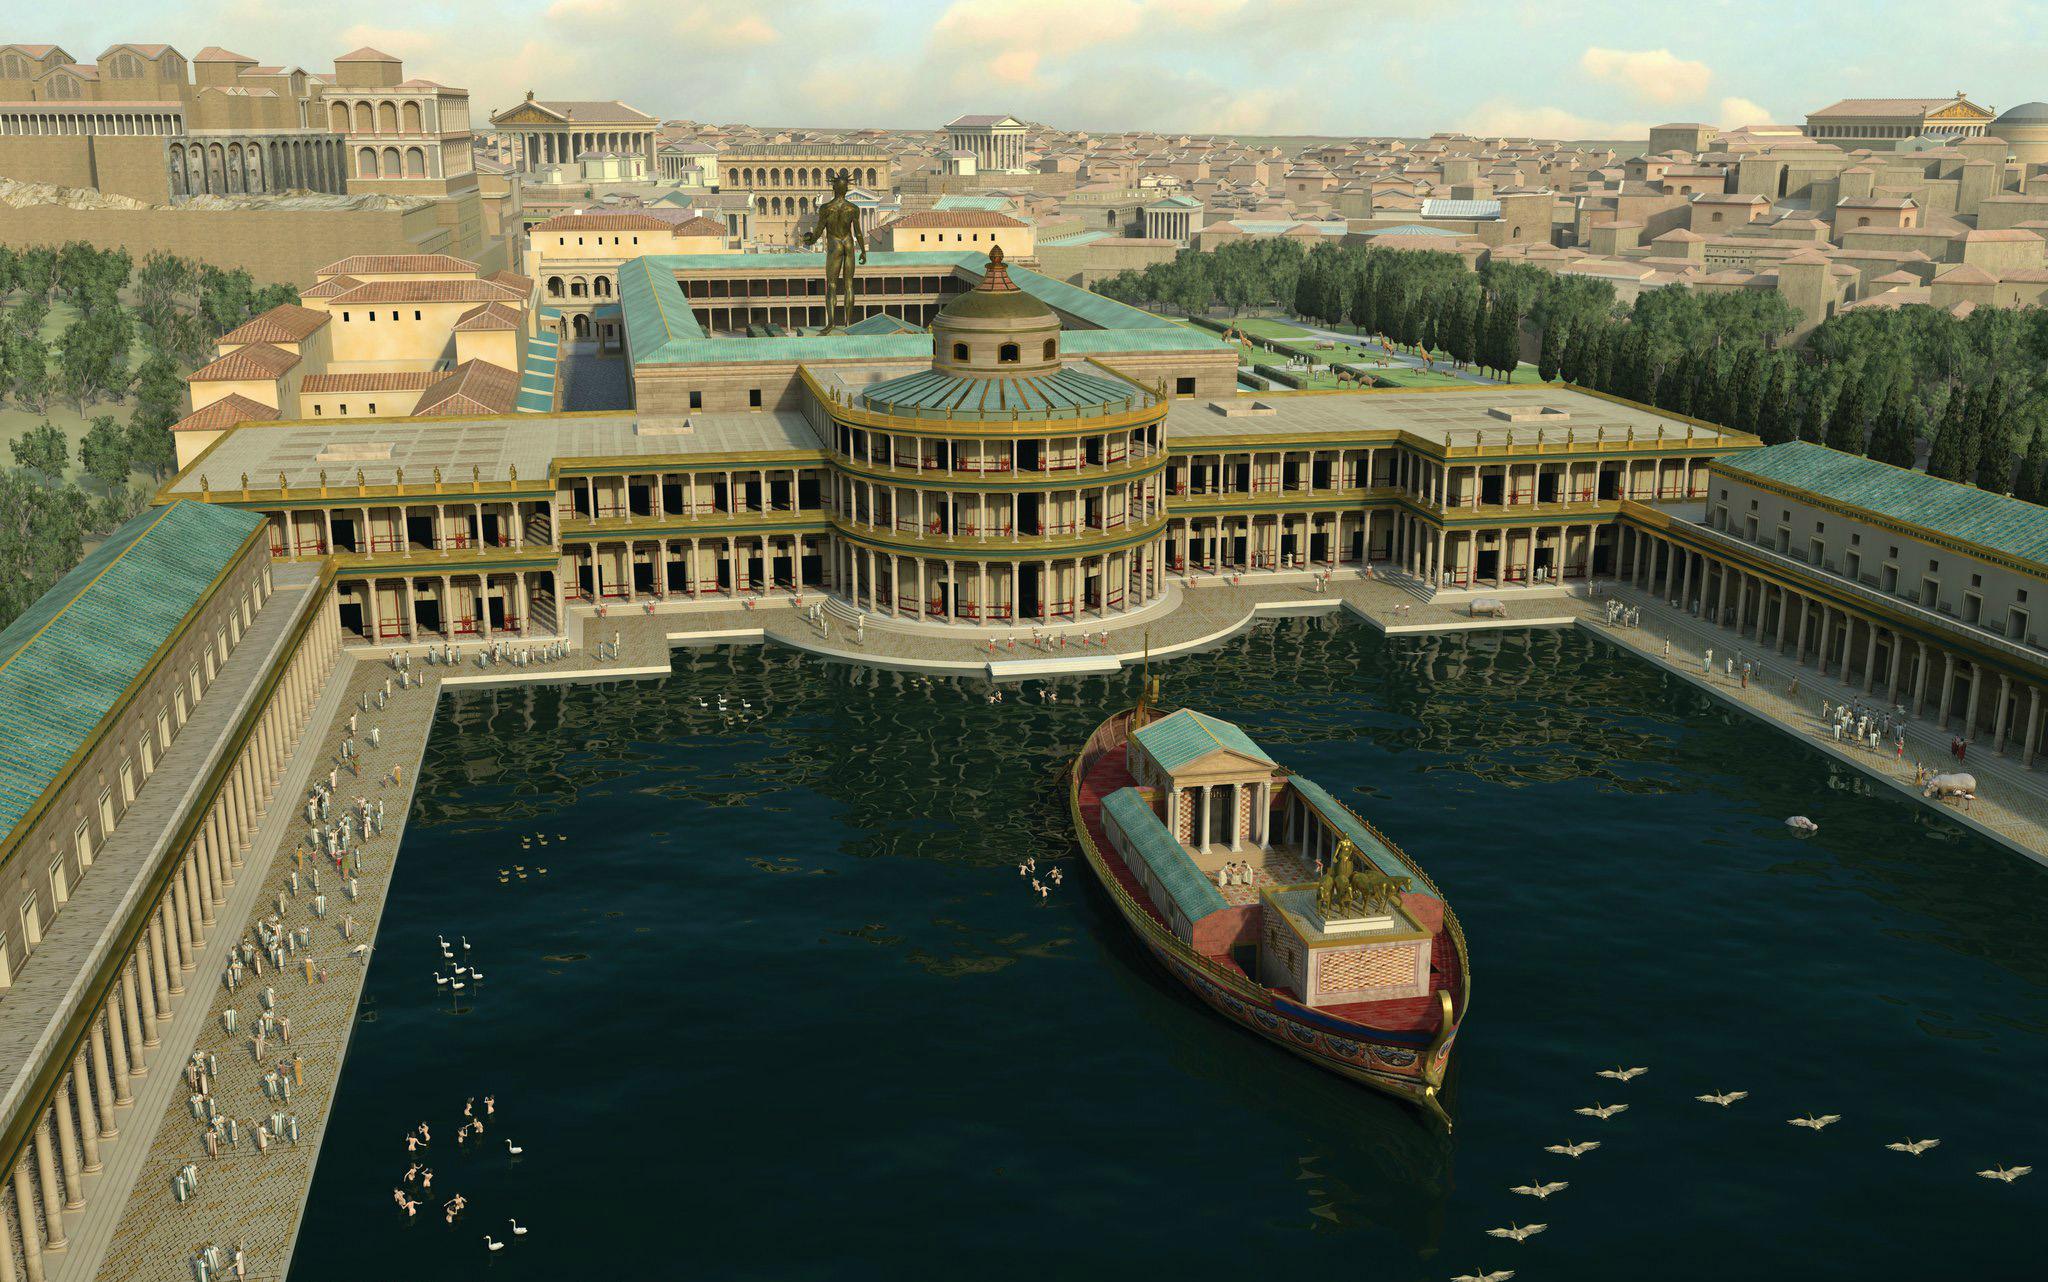 Nynější palác je jen zlomkem toho, co k němu kdysi patřilo. U obří stavby, která se táhla mezi dvěma římskými pahorky, stála také rozsáhlá vodní nádrž, napodobeniny města i venkova a dokonce i umělý les.